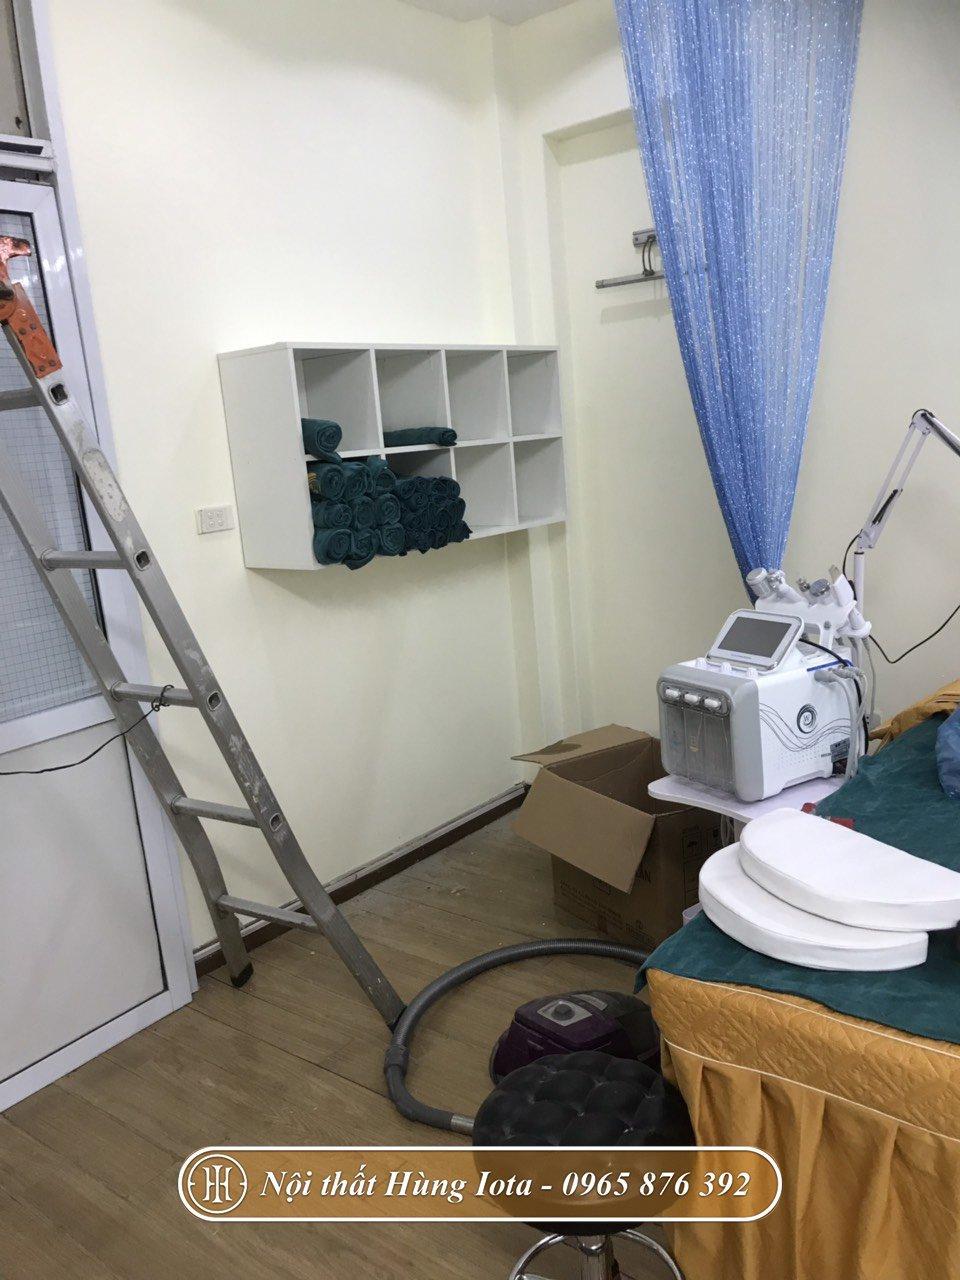 Kệ trưng bày mỹ phẩm treo tường giá rẻ cho spa tại Hà Nội